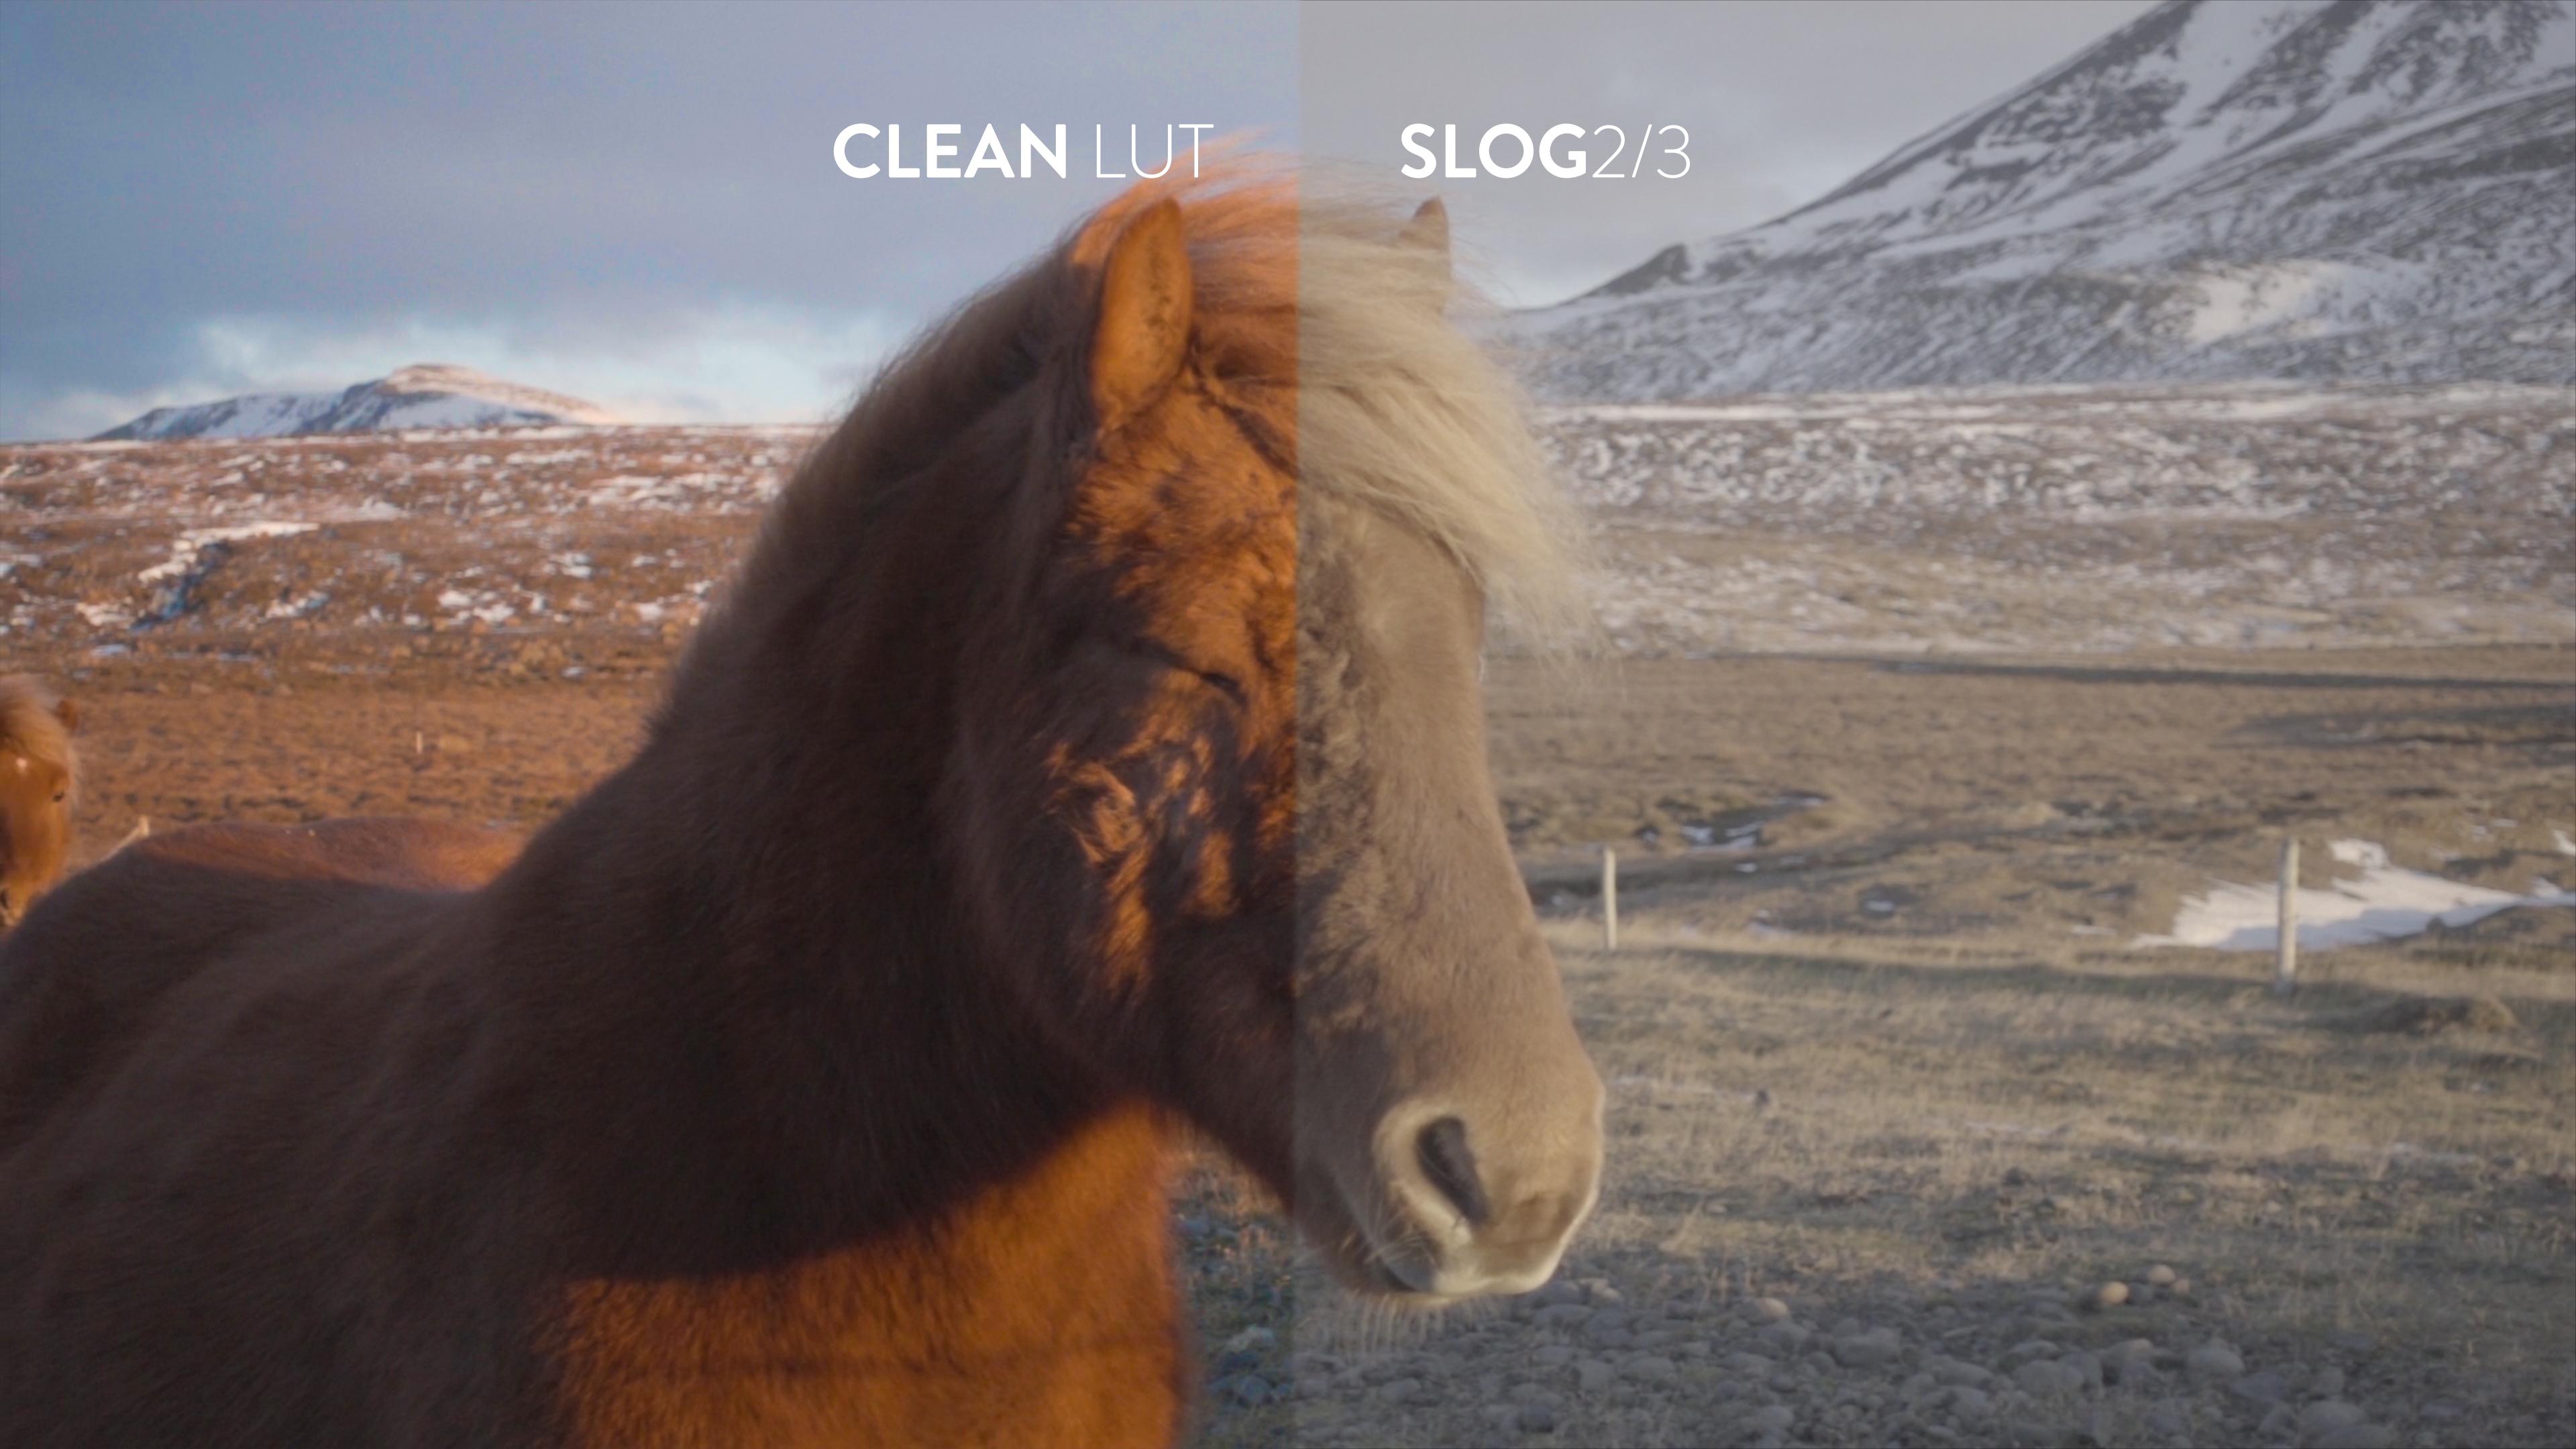 clean lut bounce color